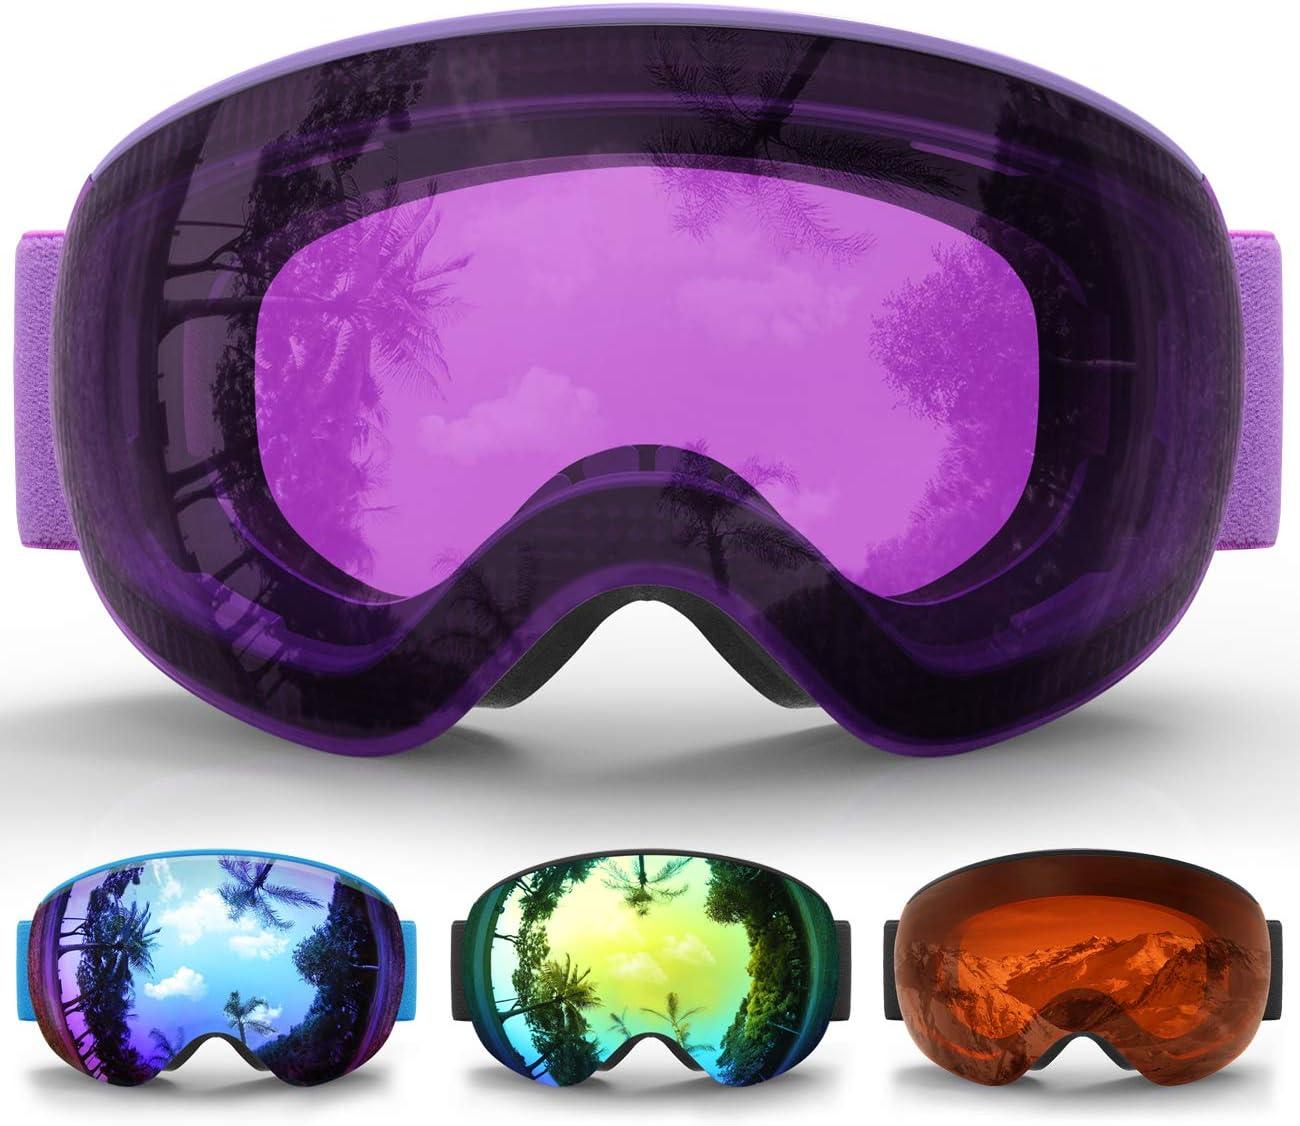 Gafas de Esquí Niños, eDriveTech Máscara Gafas Esqui Snowboard Nieve Espejo para Niño Niña Júnior Chicos Chicas 3 4 5 6 7 8 9 10 11 12 13 14 15 Años Anti Niebla Gafas de Esquiar OTG Protección UV